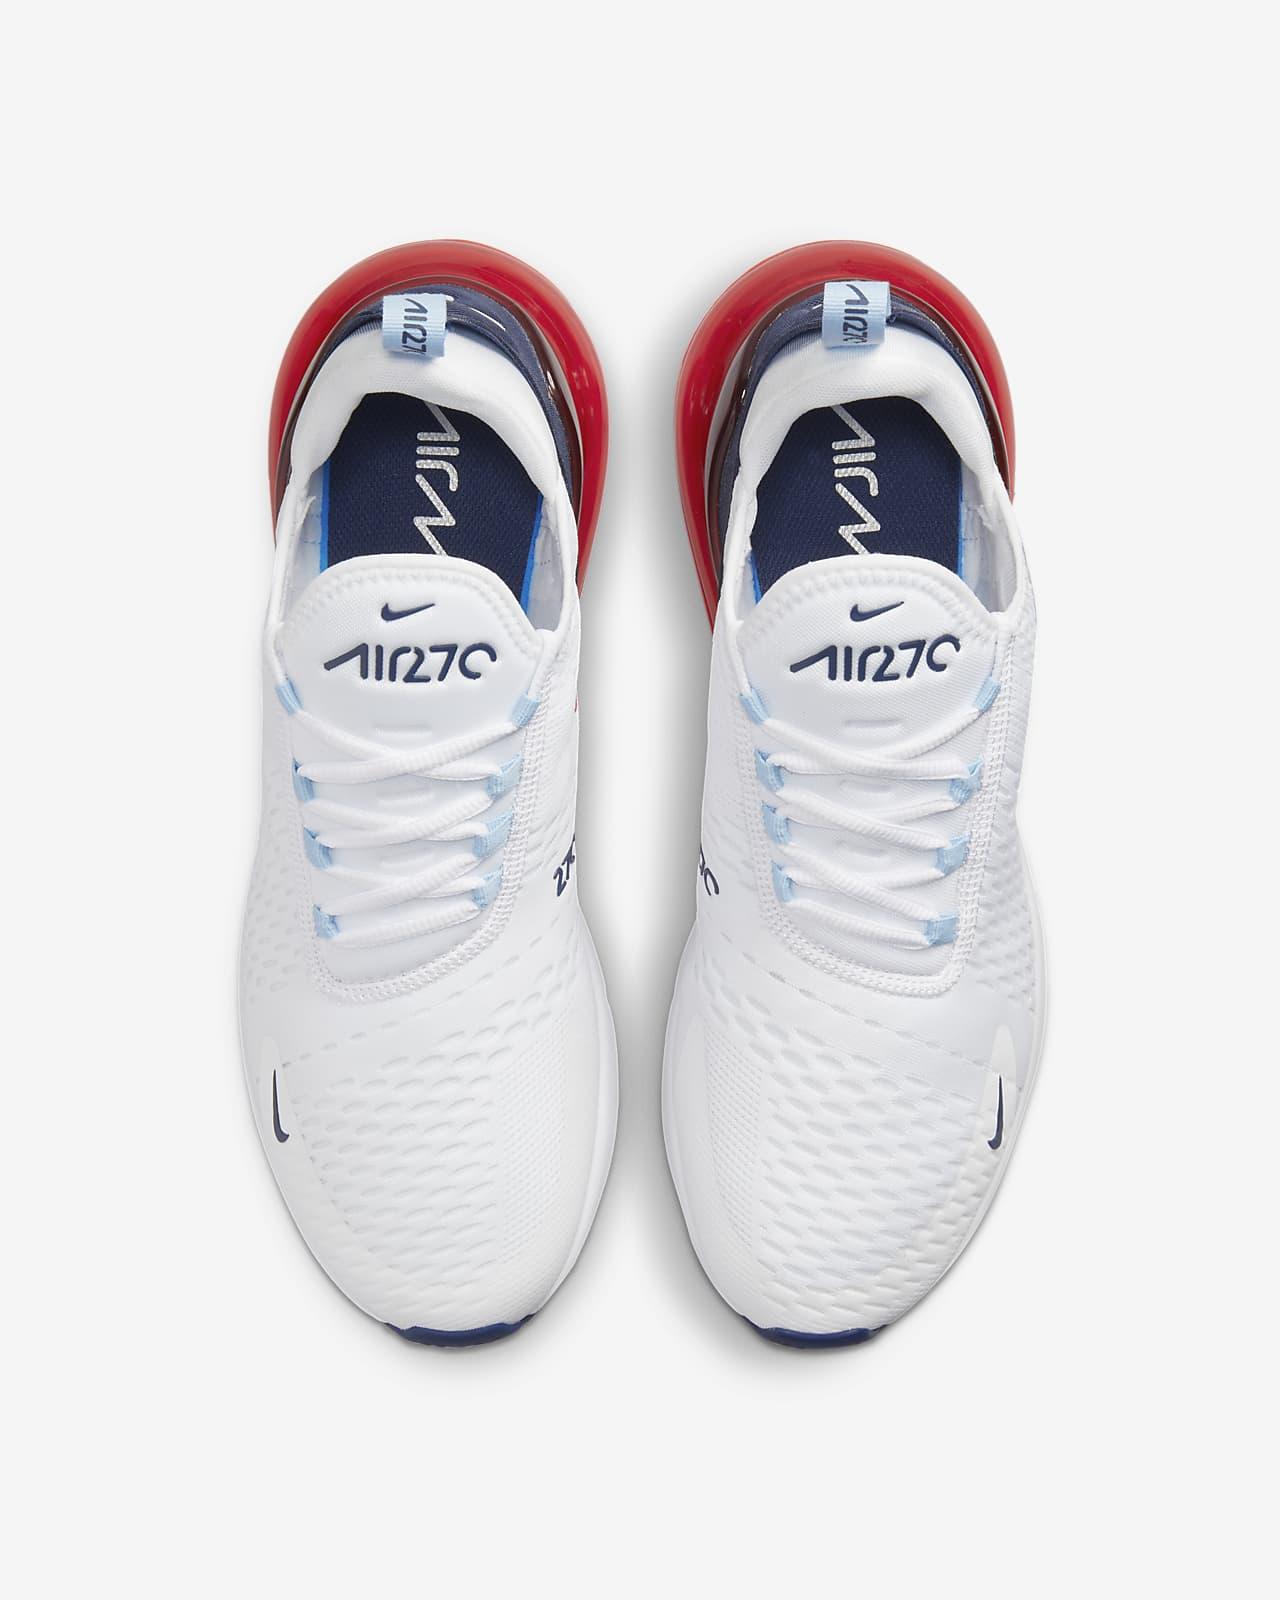 Nike Air Max 270 Men's Shoes. Nike LU